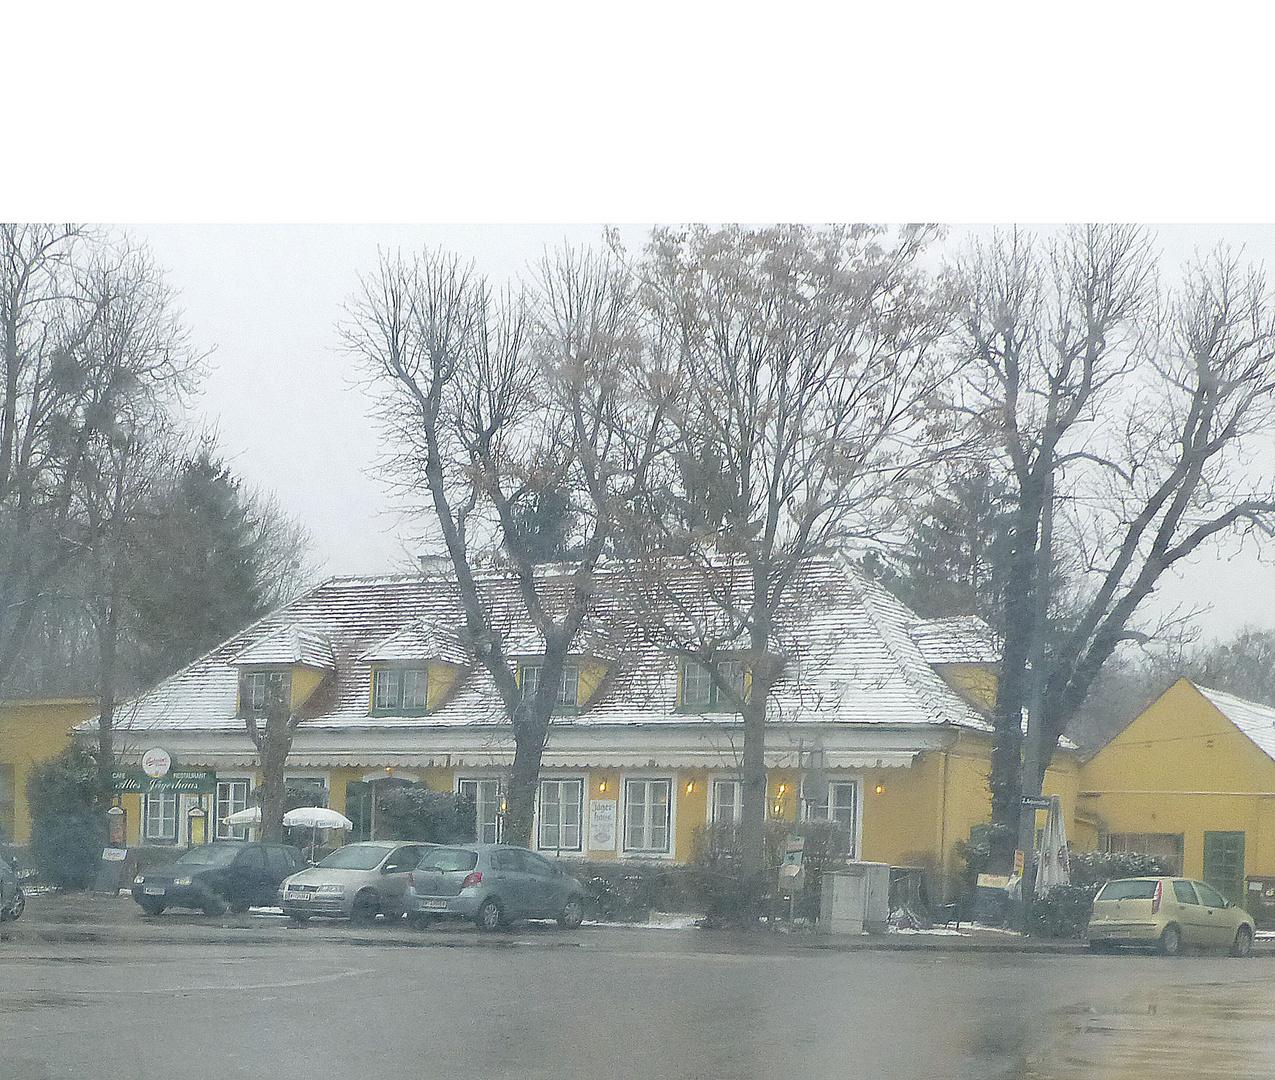 Altes landhaus (restaurant) im prater bei gräuslichem wetter - p.s.